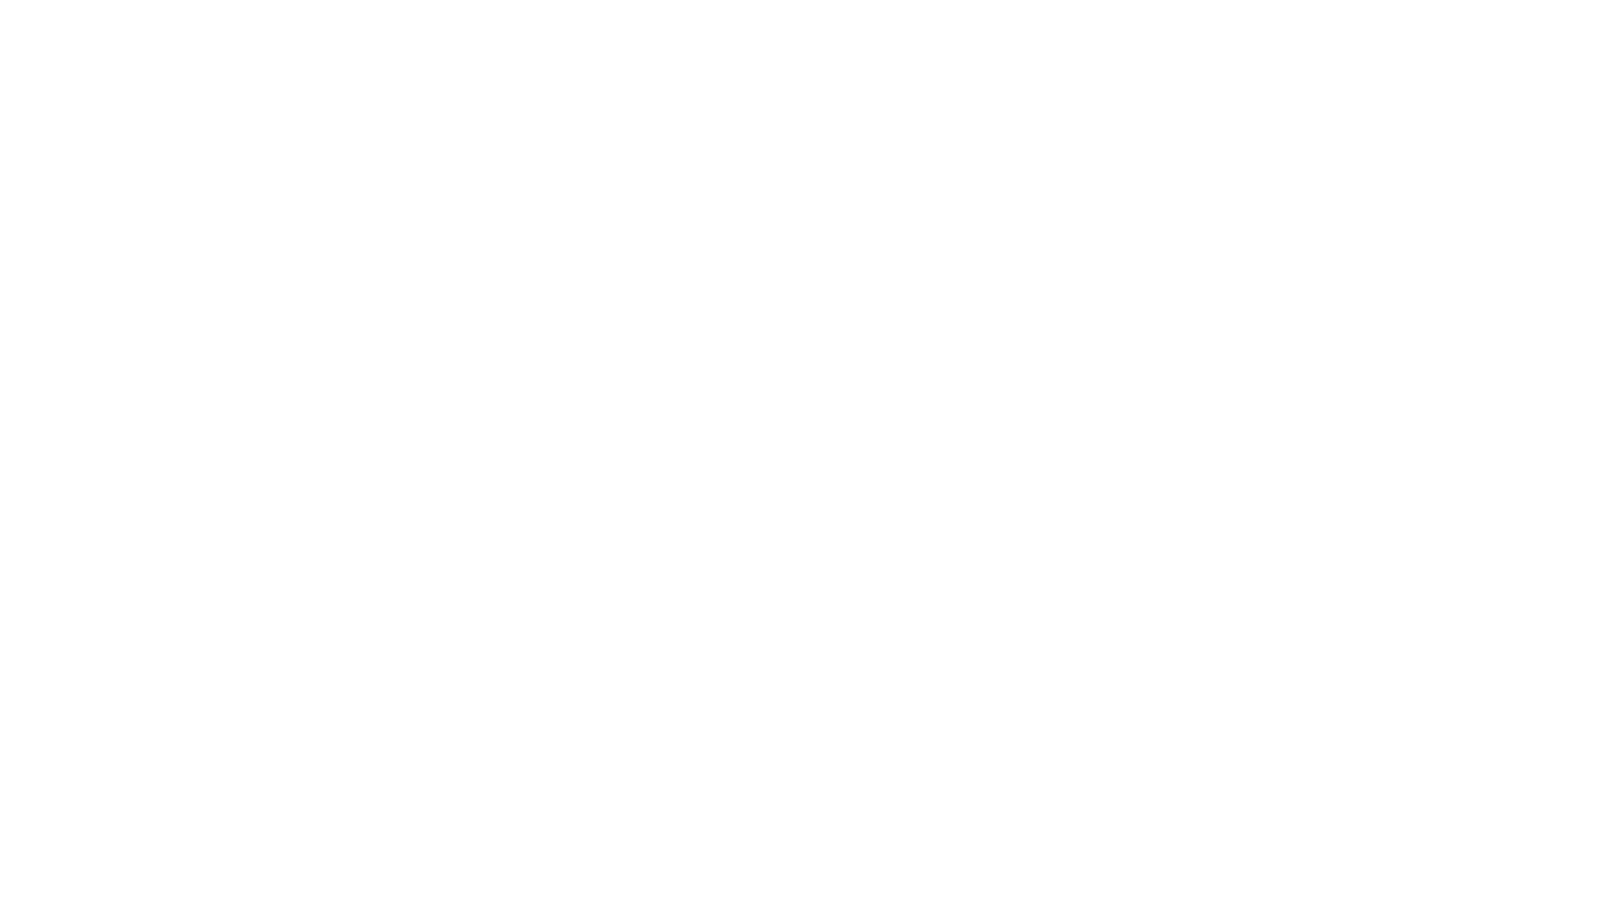 Déroule !  ---  Les dons ne sont pas obligatoires mais toujours bienvenus : Don instantané ► https://www.tipeeestream.com/analogeek/donation Don mensuel ► https://www.tipeee.com/analogeek  Ou soutenez-moi en regardant une pub Clipeee ► https://www.clipeee.com/s/analogeek  Les streams Analogeek sont des double streams diffusés simultanément sur YouTube et sur Twitch, les messages des différentes plateformes sont envoyés sur le tchat à travers mon propre pseudo ou le Restream Bot. Twitch : https://www.twitch.tv/analog33k  ________________________________  Tous les liens sont sur http://www.analogeek.fr  Facebook ► https://www.facebook.com/analog33k/ Discord ► https://discord.gg/VqYF5gX Twitter ► https://twitter.com/Analo_Geek Tipeee ► https://www.tipeee.com/analogeek Sub ► https://www.youtube.com/channel/UCh4zO-Zrb68k0L2nvyfgd1g/join  TOUS LES JEUX TRAITÉS SUR ANALOGEEK ► https://goo.gl/LsUakQ  Abonnez-vous pour ne rien manquer de nos futures vidéos !  ________________________________